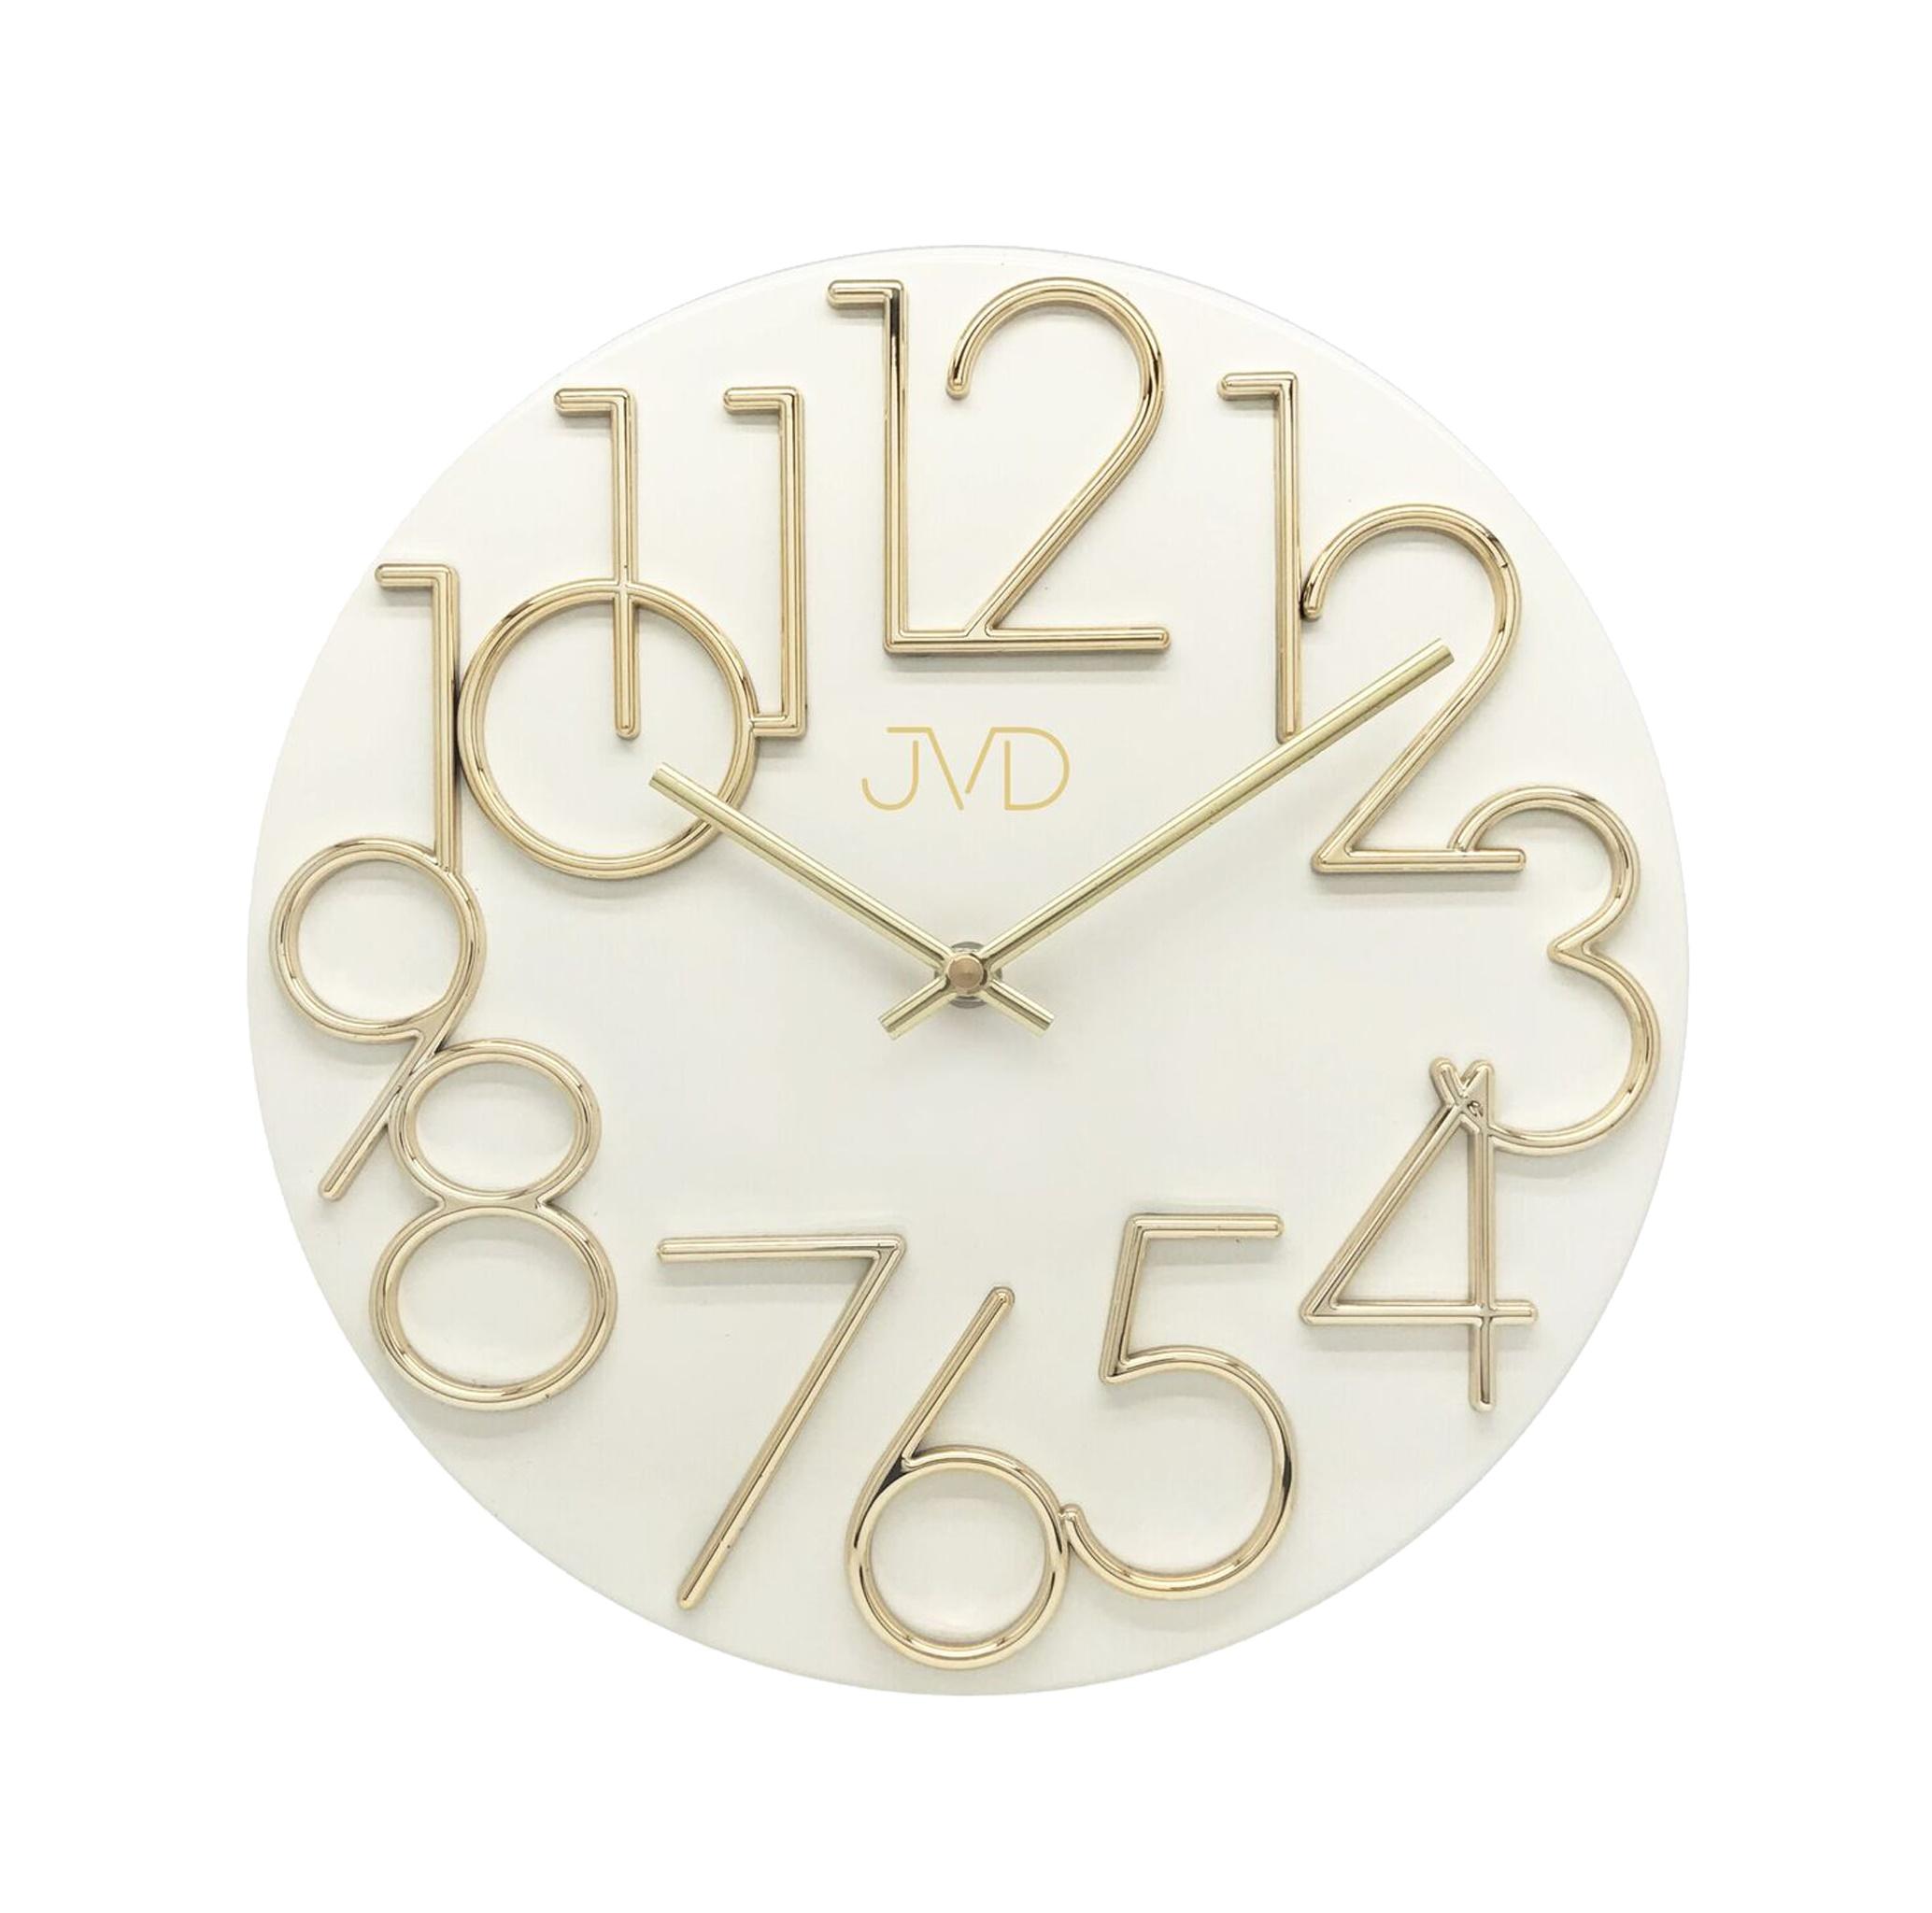 Kovové designové nástěnné bílé hodiny JVD HT23.5 (POŠTOVNÉ ZDARMA!!)